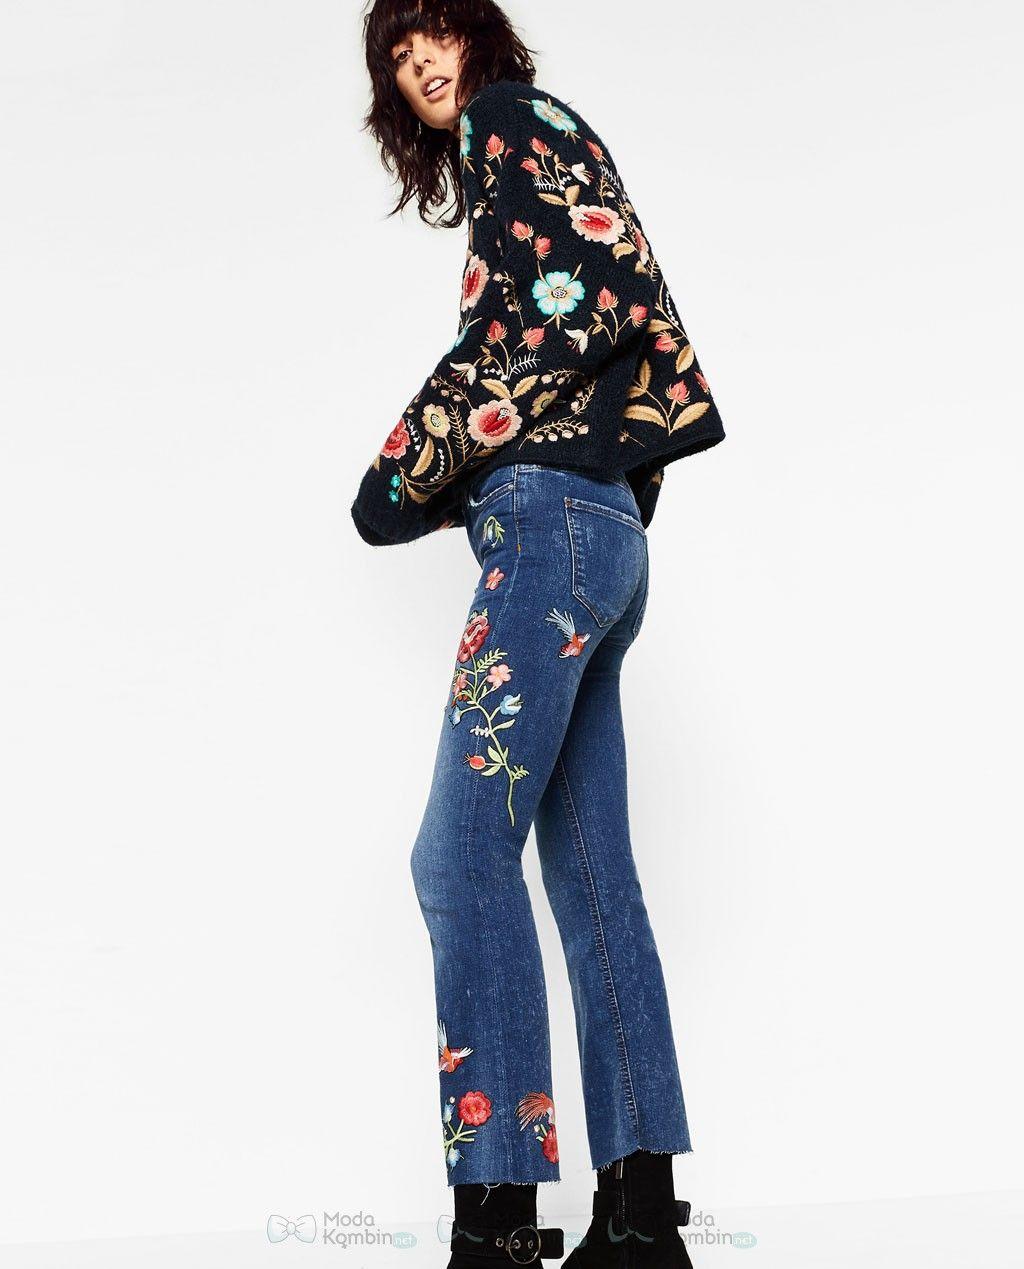 2017 Zara Bayan Jean Pantolon Modelleri Ve Fiyatlari 2017zarabayanjeanpantolonmodelleri 2017zarajeanpantolonmodasi Zara Moda Stilleri High Street Fashion